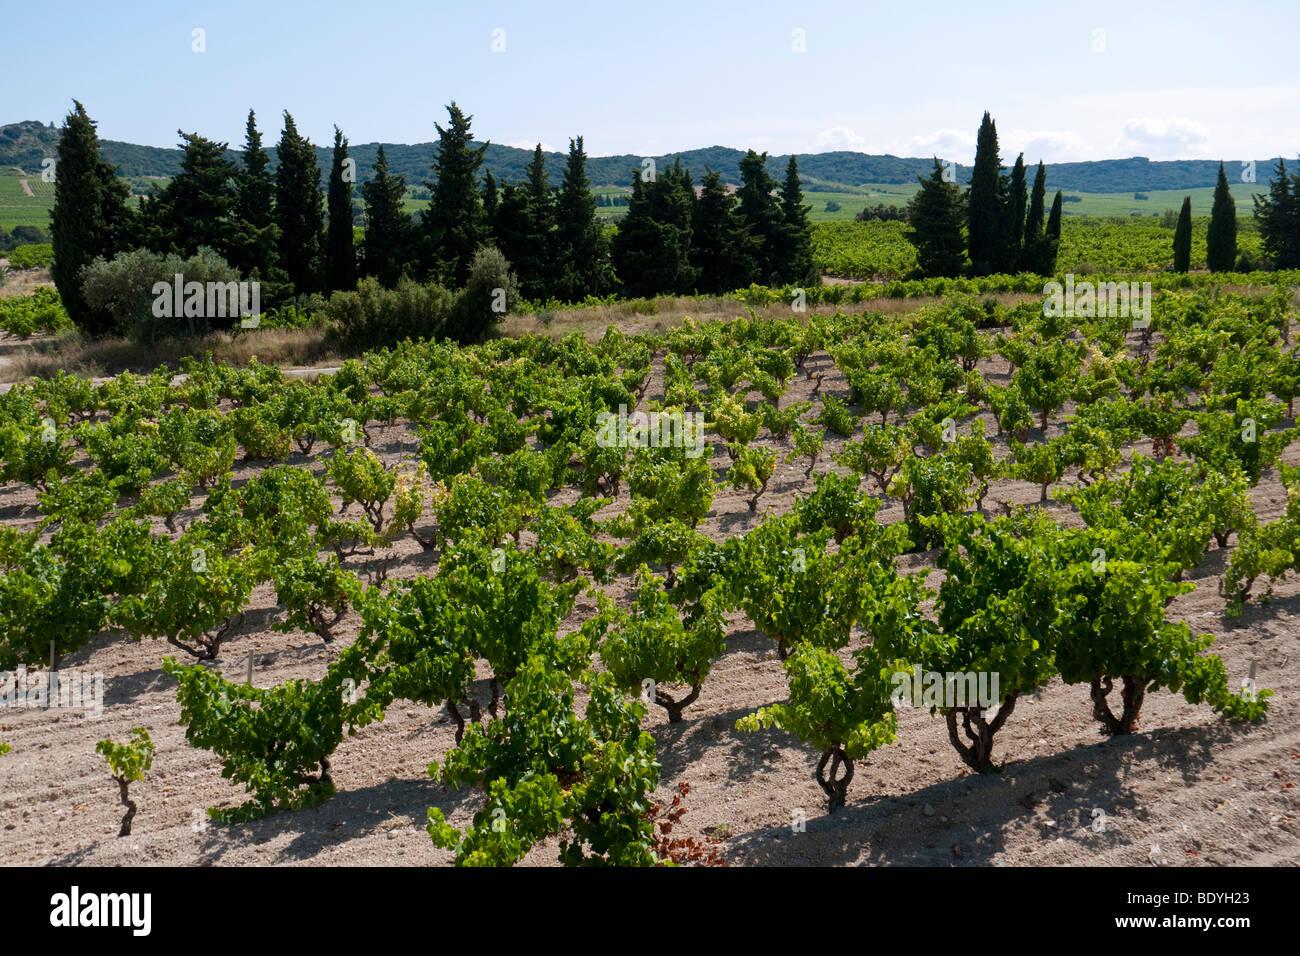 Un vigneto nella zona viticola di Tavel. Immagini Stock